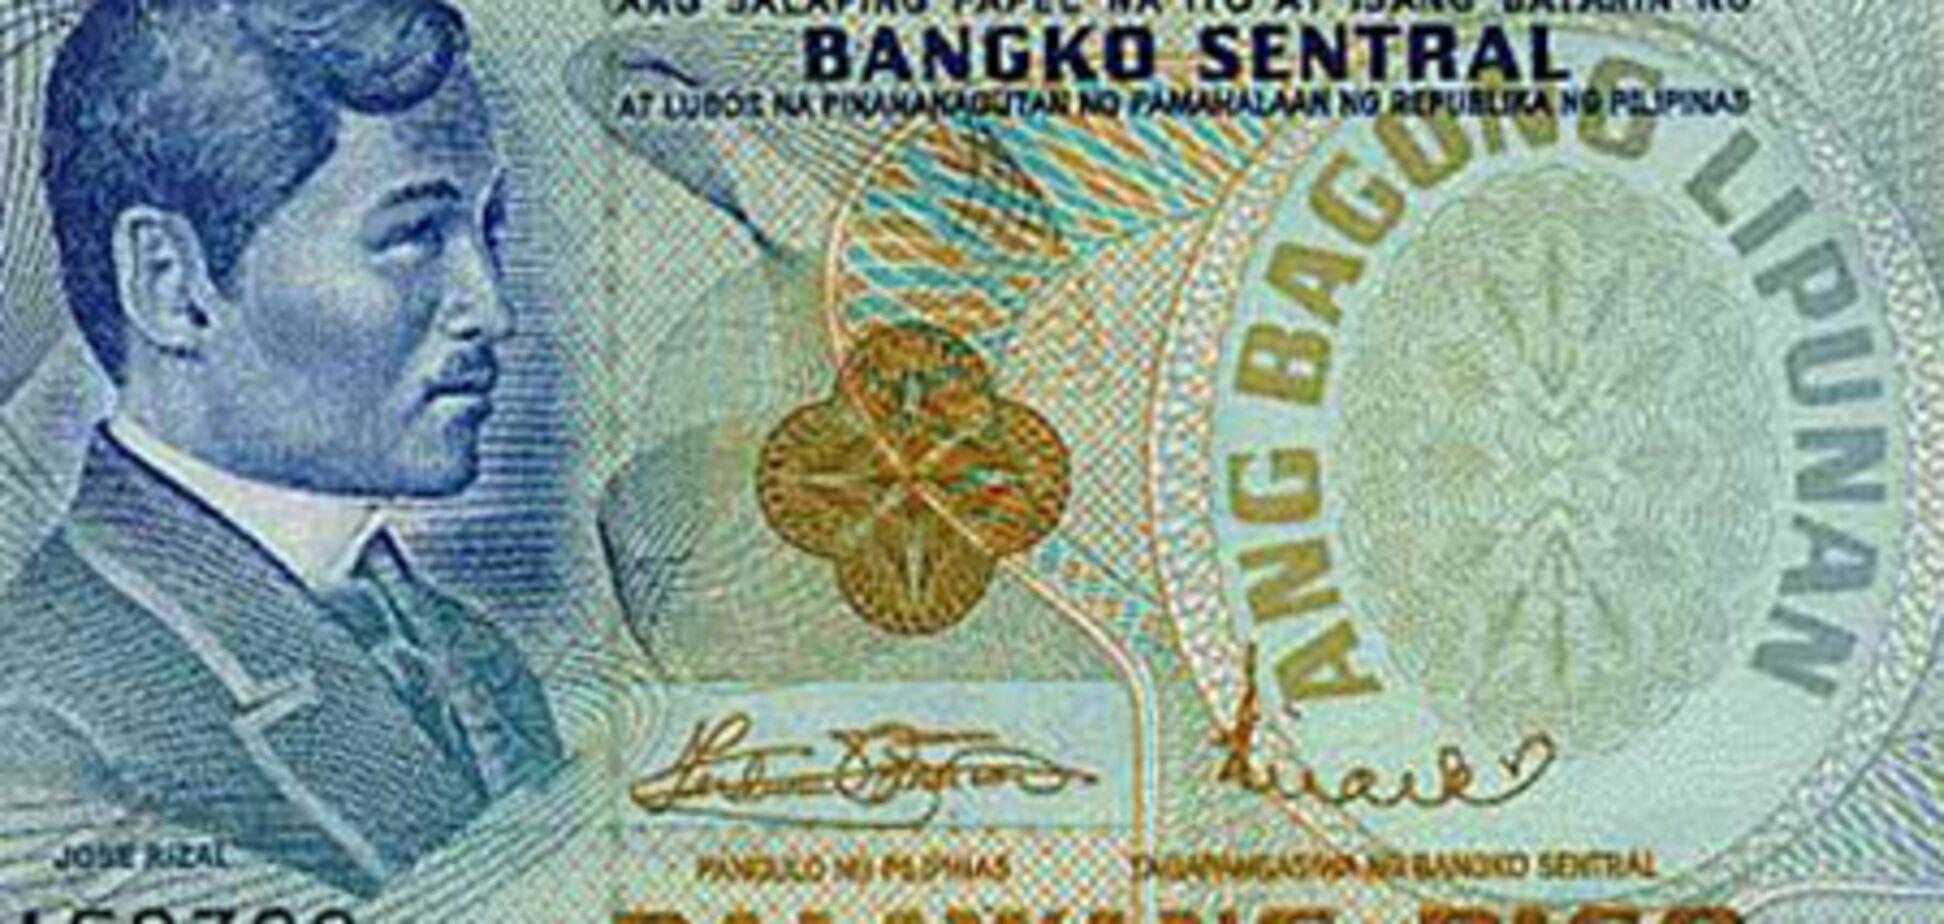 На Филиппинах выпустили банкноты с ошибками